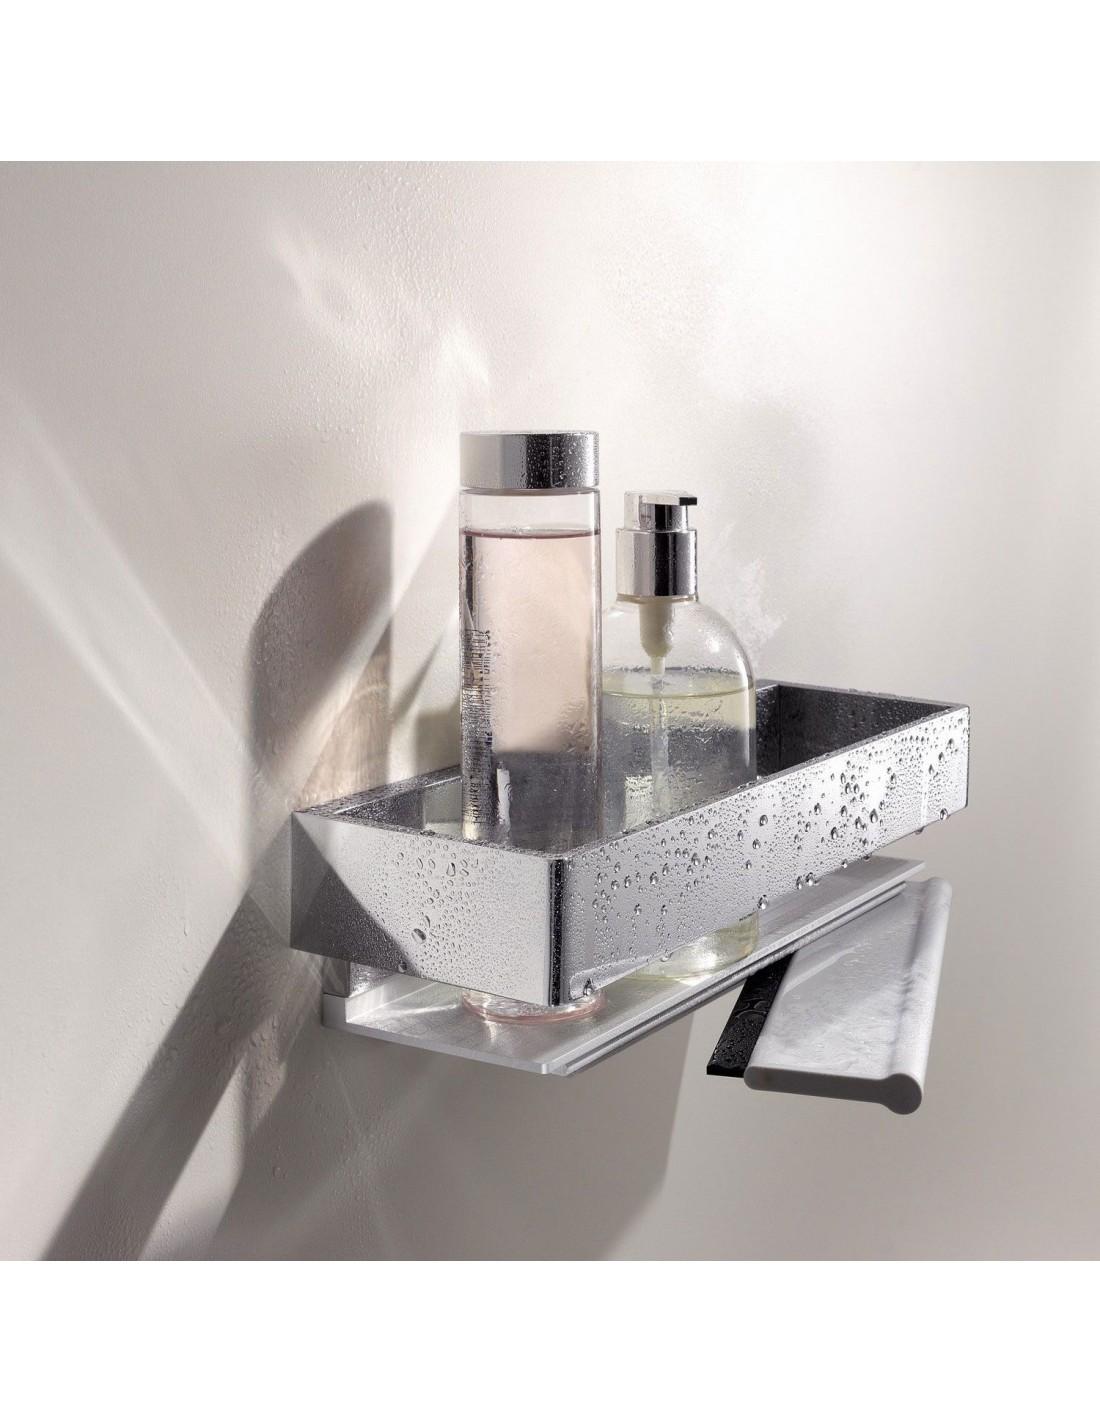 Panier de douche avec raclette de la marque Keuco à retrouver chez Valente Design